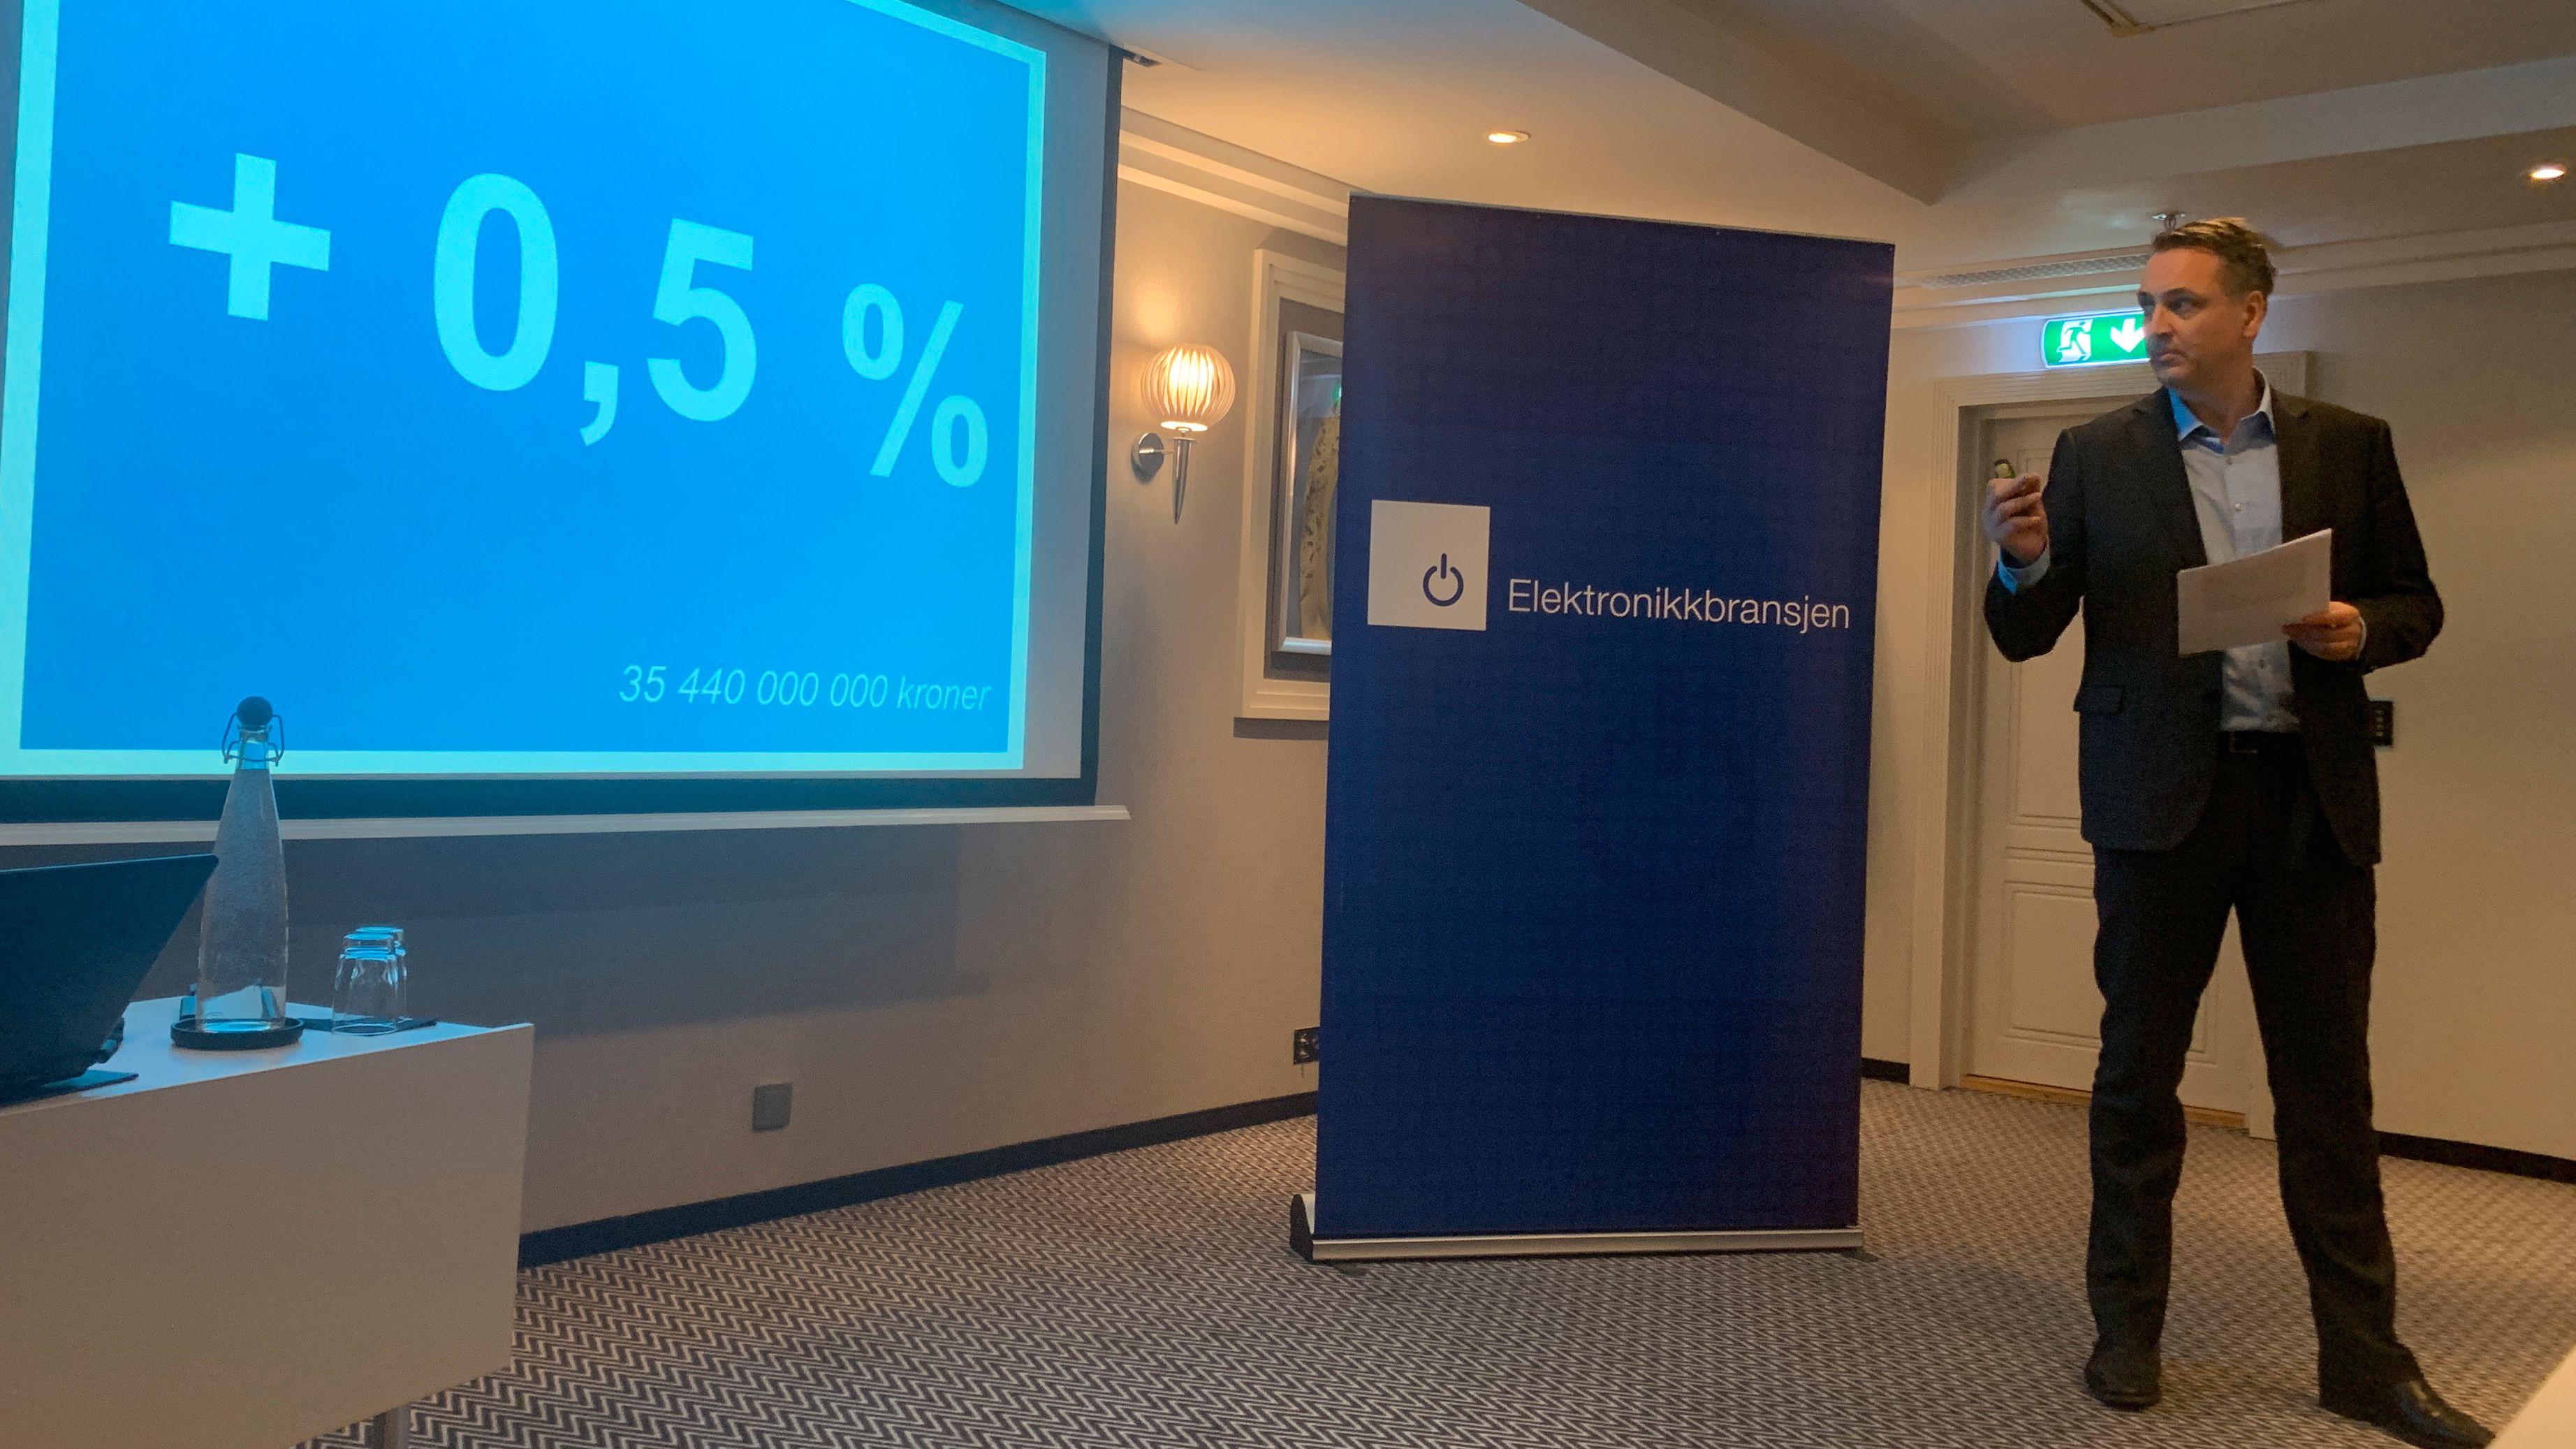 Adm. dir. i Stiftelsen Elektronikkbransjen, Jan Røsholm, presenterte ny rekord for bransjen i 2018. Veksten fra året før var imidlertid ikke massiv.